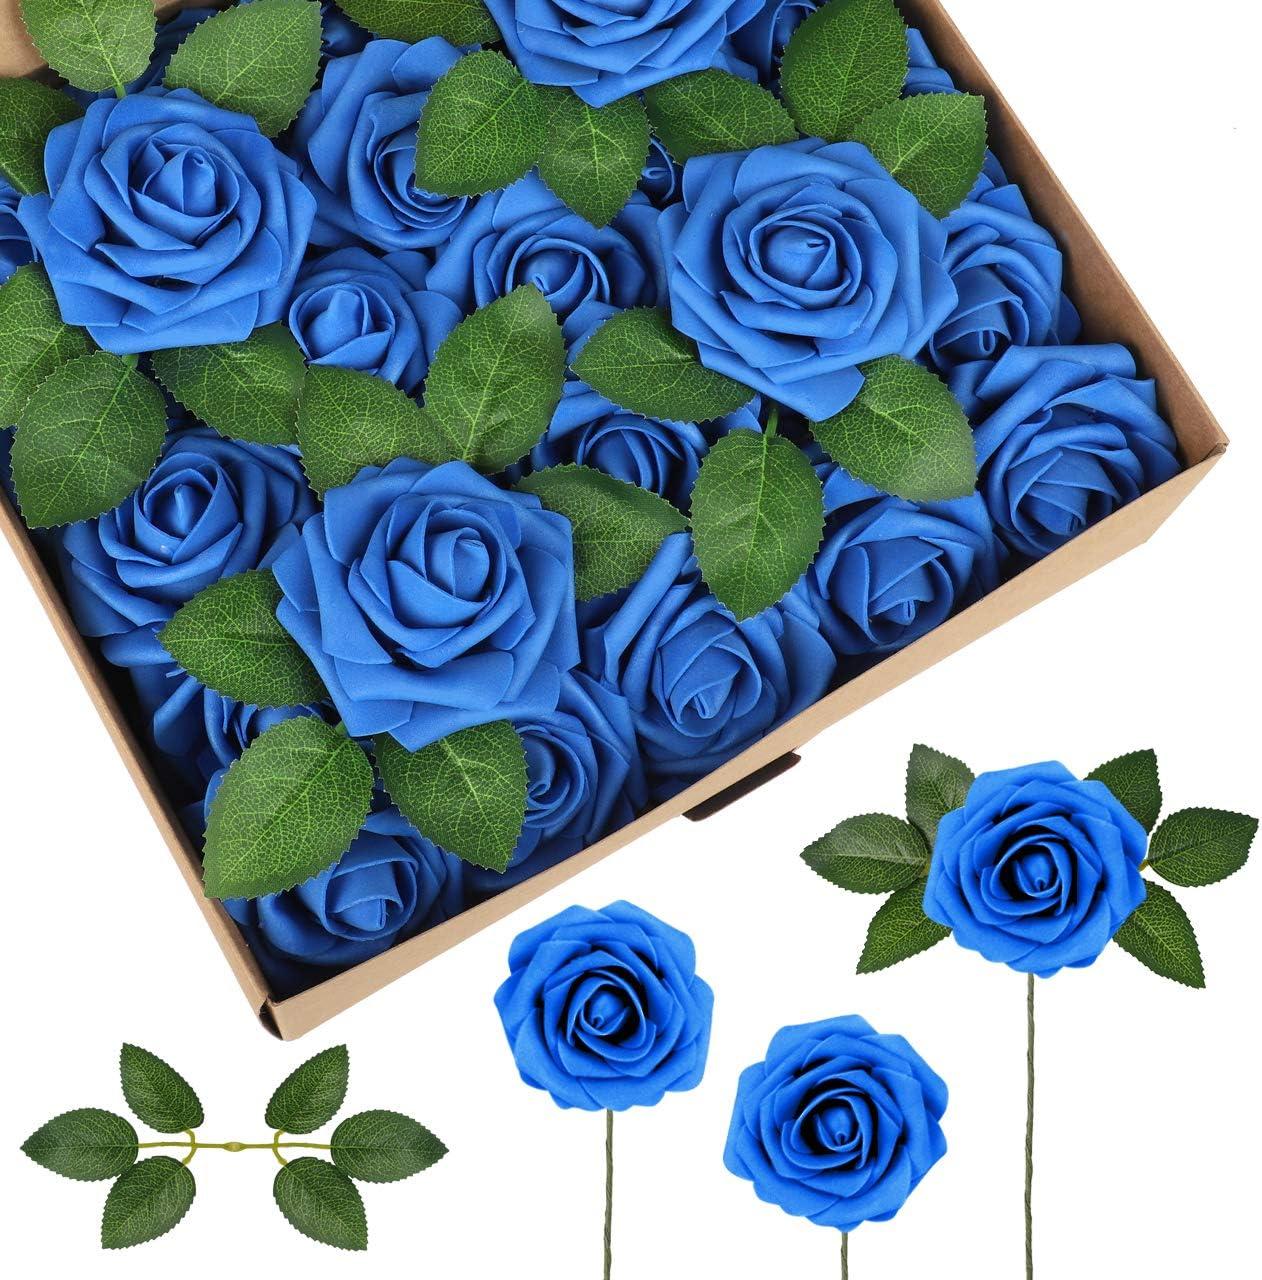 Flores artificiales de espuma de latex. Pack de 50 (rosas A)